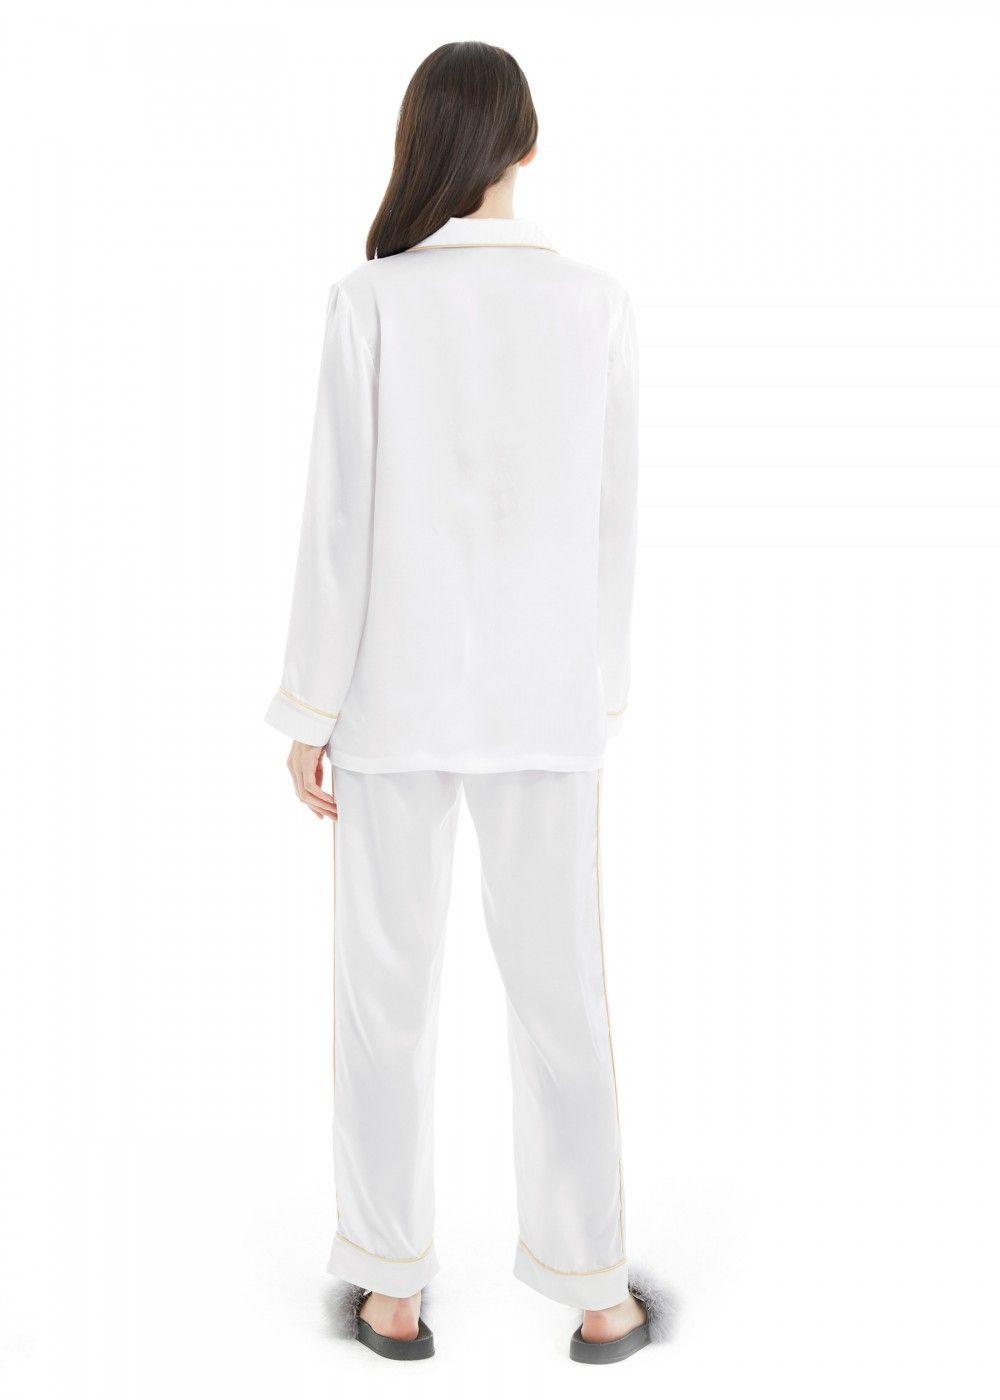 Buy 100 Silk Pajamas For Women Sleepwear Sets in 2020